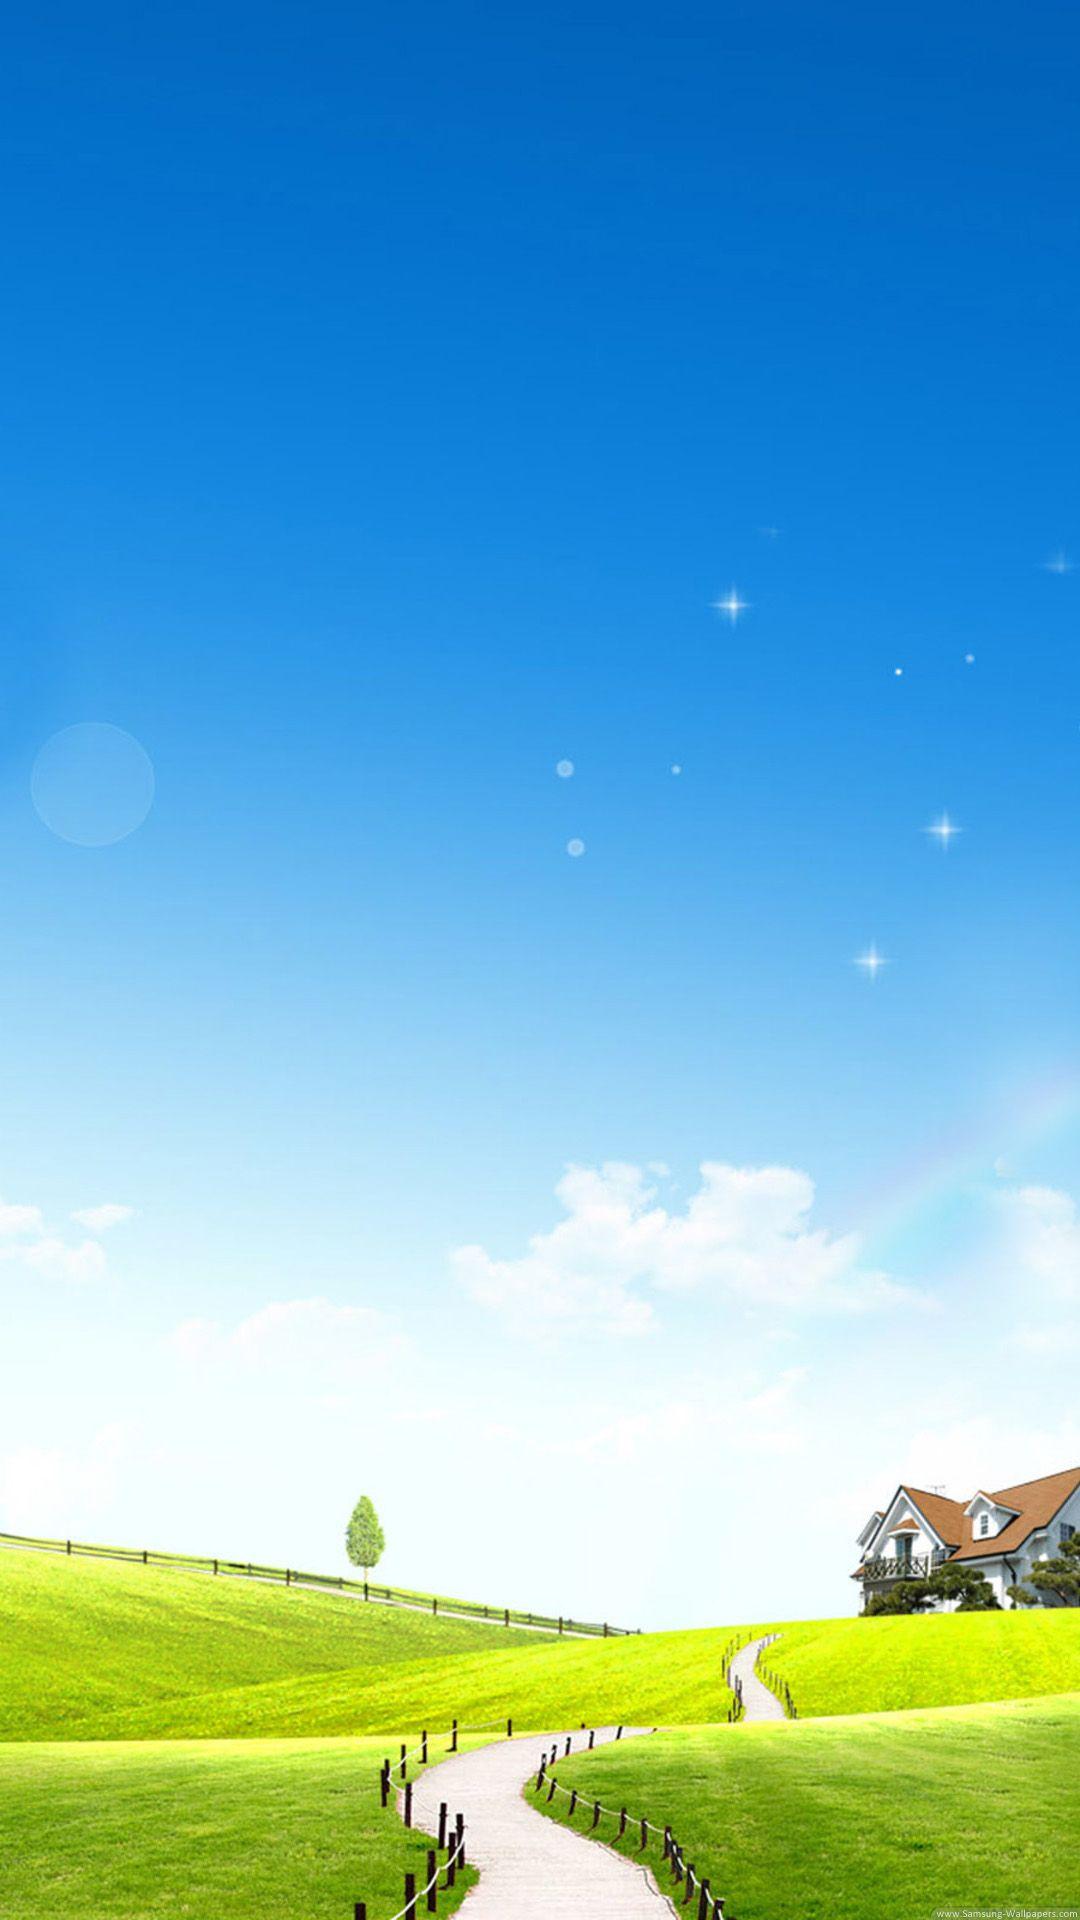 暖かな風景 スマホ壁紙 壁紙